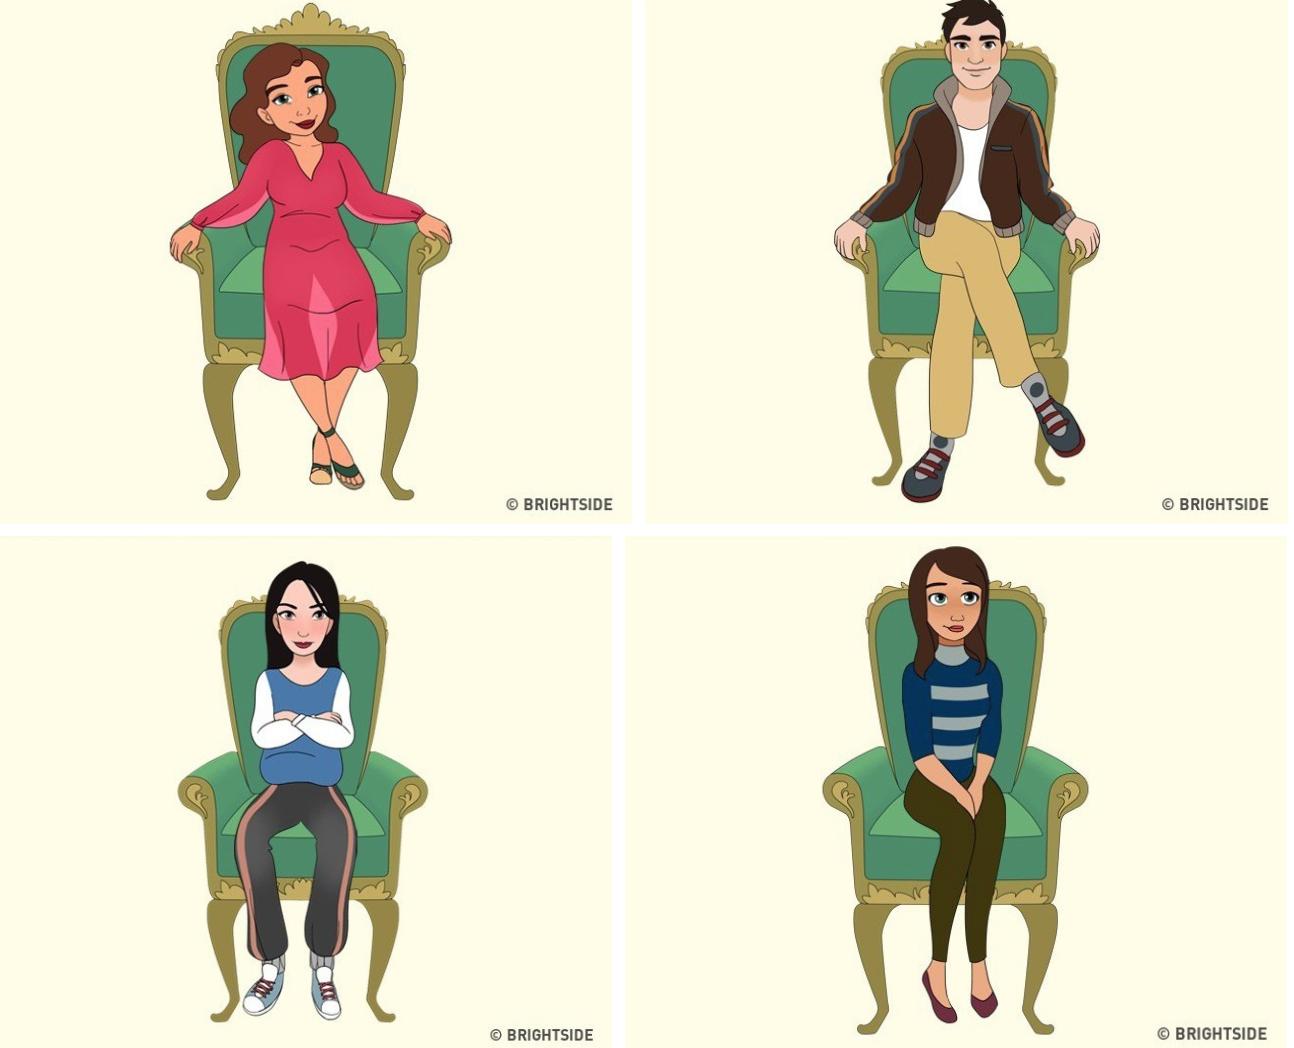 Cách bạn ngồi lên chiếc ghế này sẽ cho biết con người thực sự của bạn như thế nào - Ảnh 2.